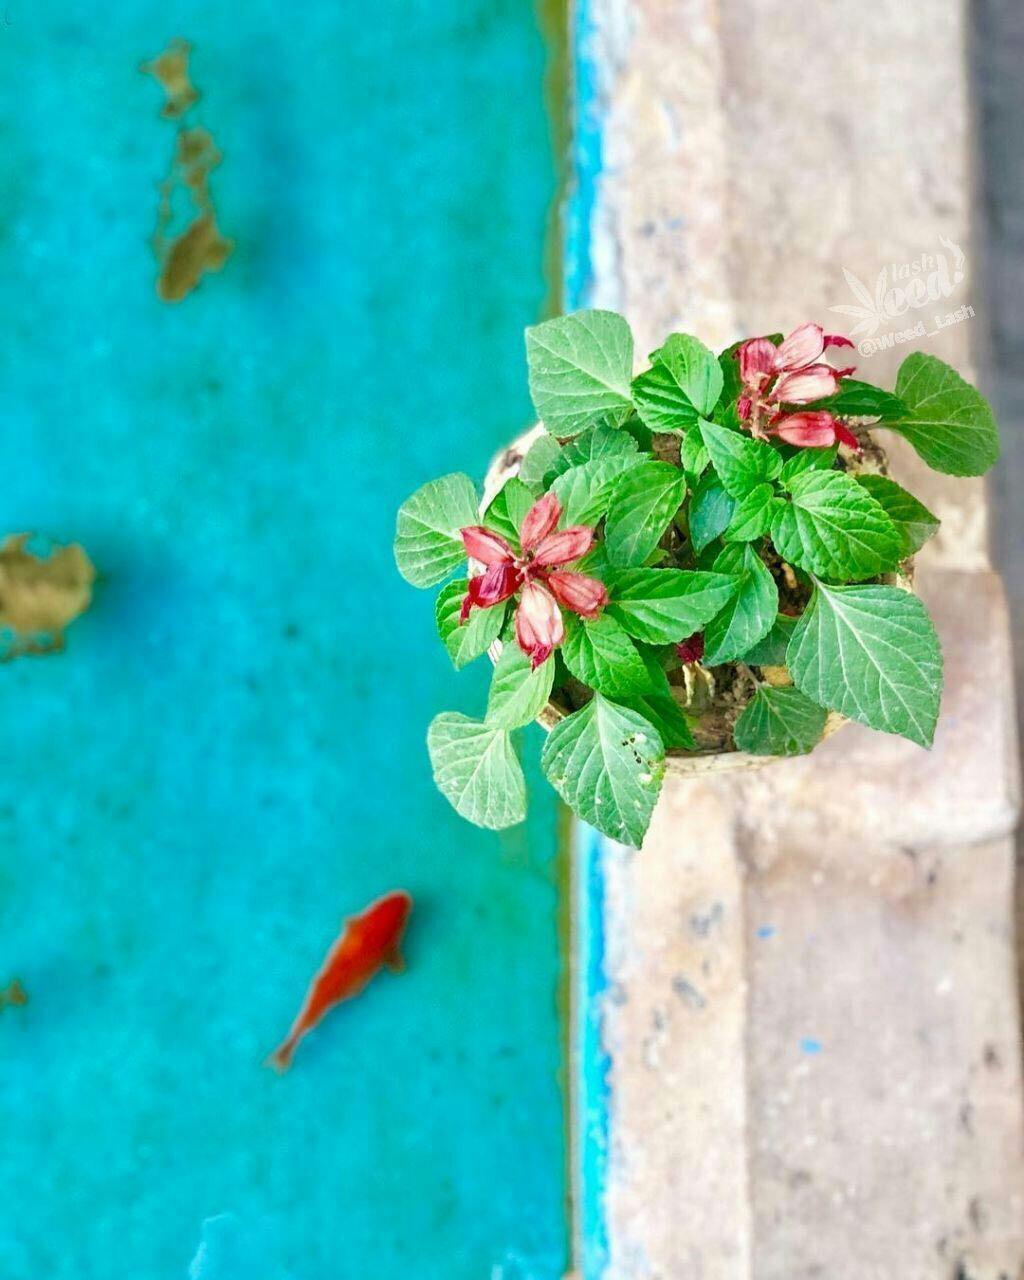 عکس زیبا ماهی قرمز